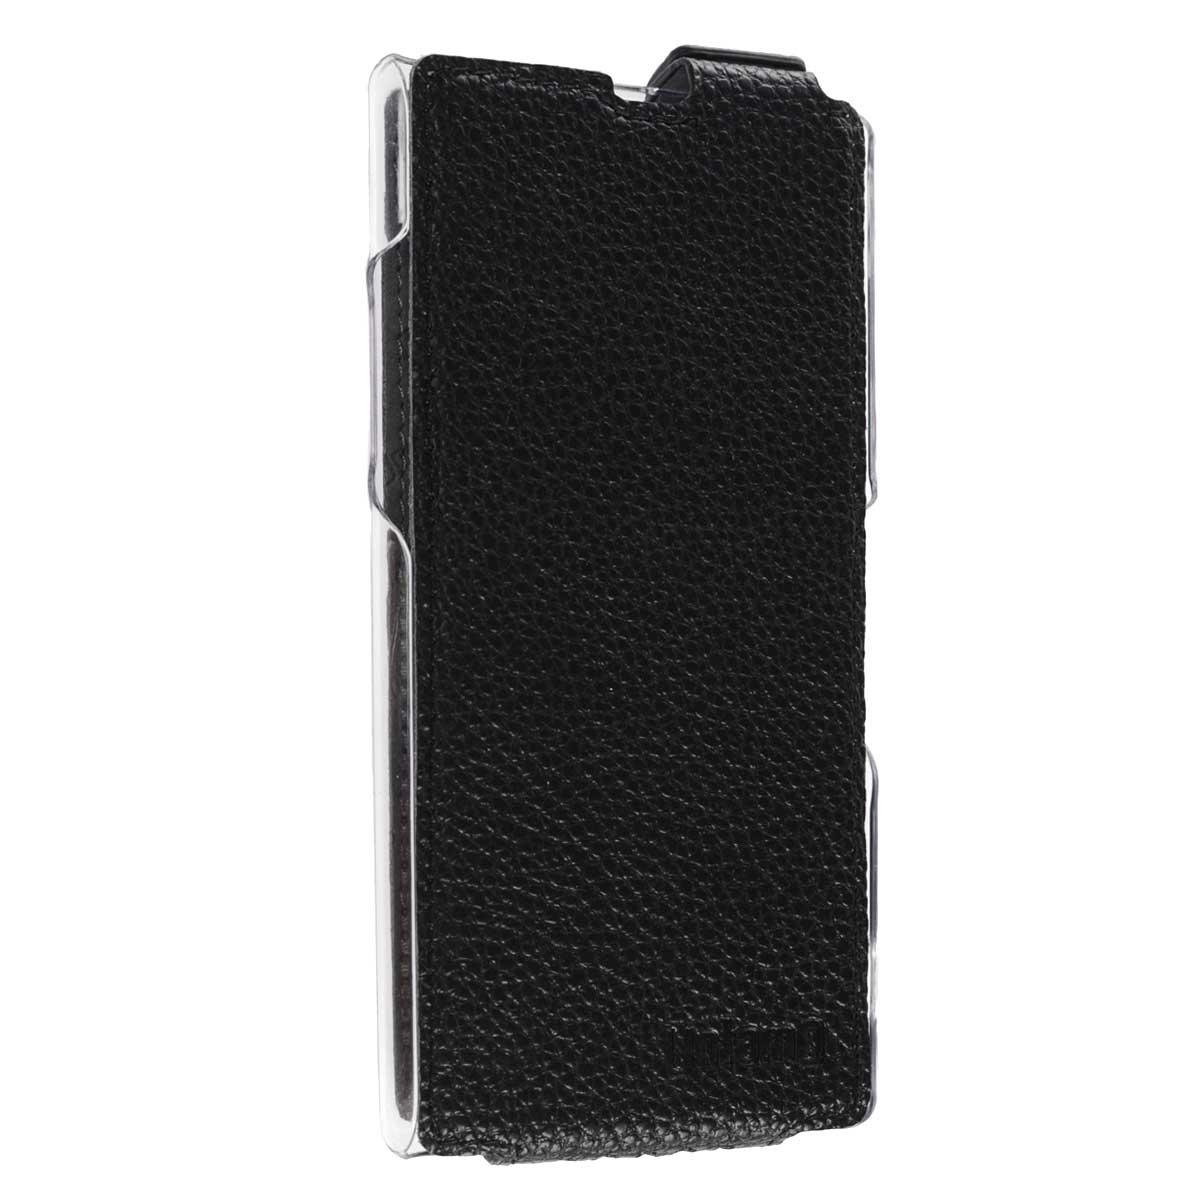 Untamo Classic Flip чехол для Sony Xperia Z1, BlackUFSZ1BLТонкий, но удивительно прочный чехол Untamo Classic Flip. Он обеспечит максимальную защиту устройства от загрязнений, царапин и других мелких повреждений, в том числе сторон и углов смартфона. Это особенно важно при случайном падении устройства.